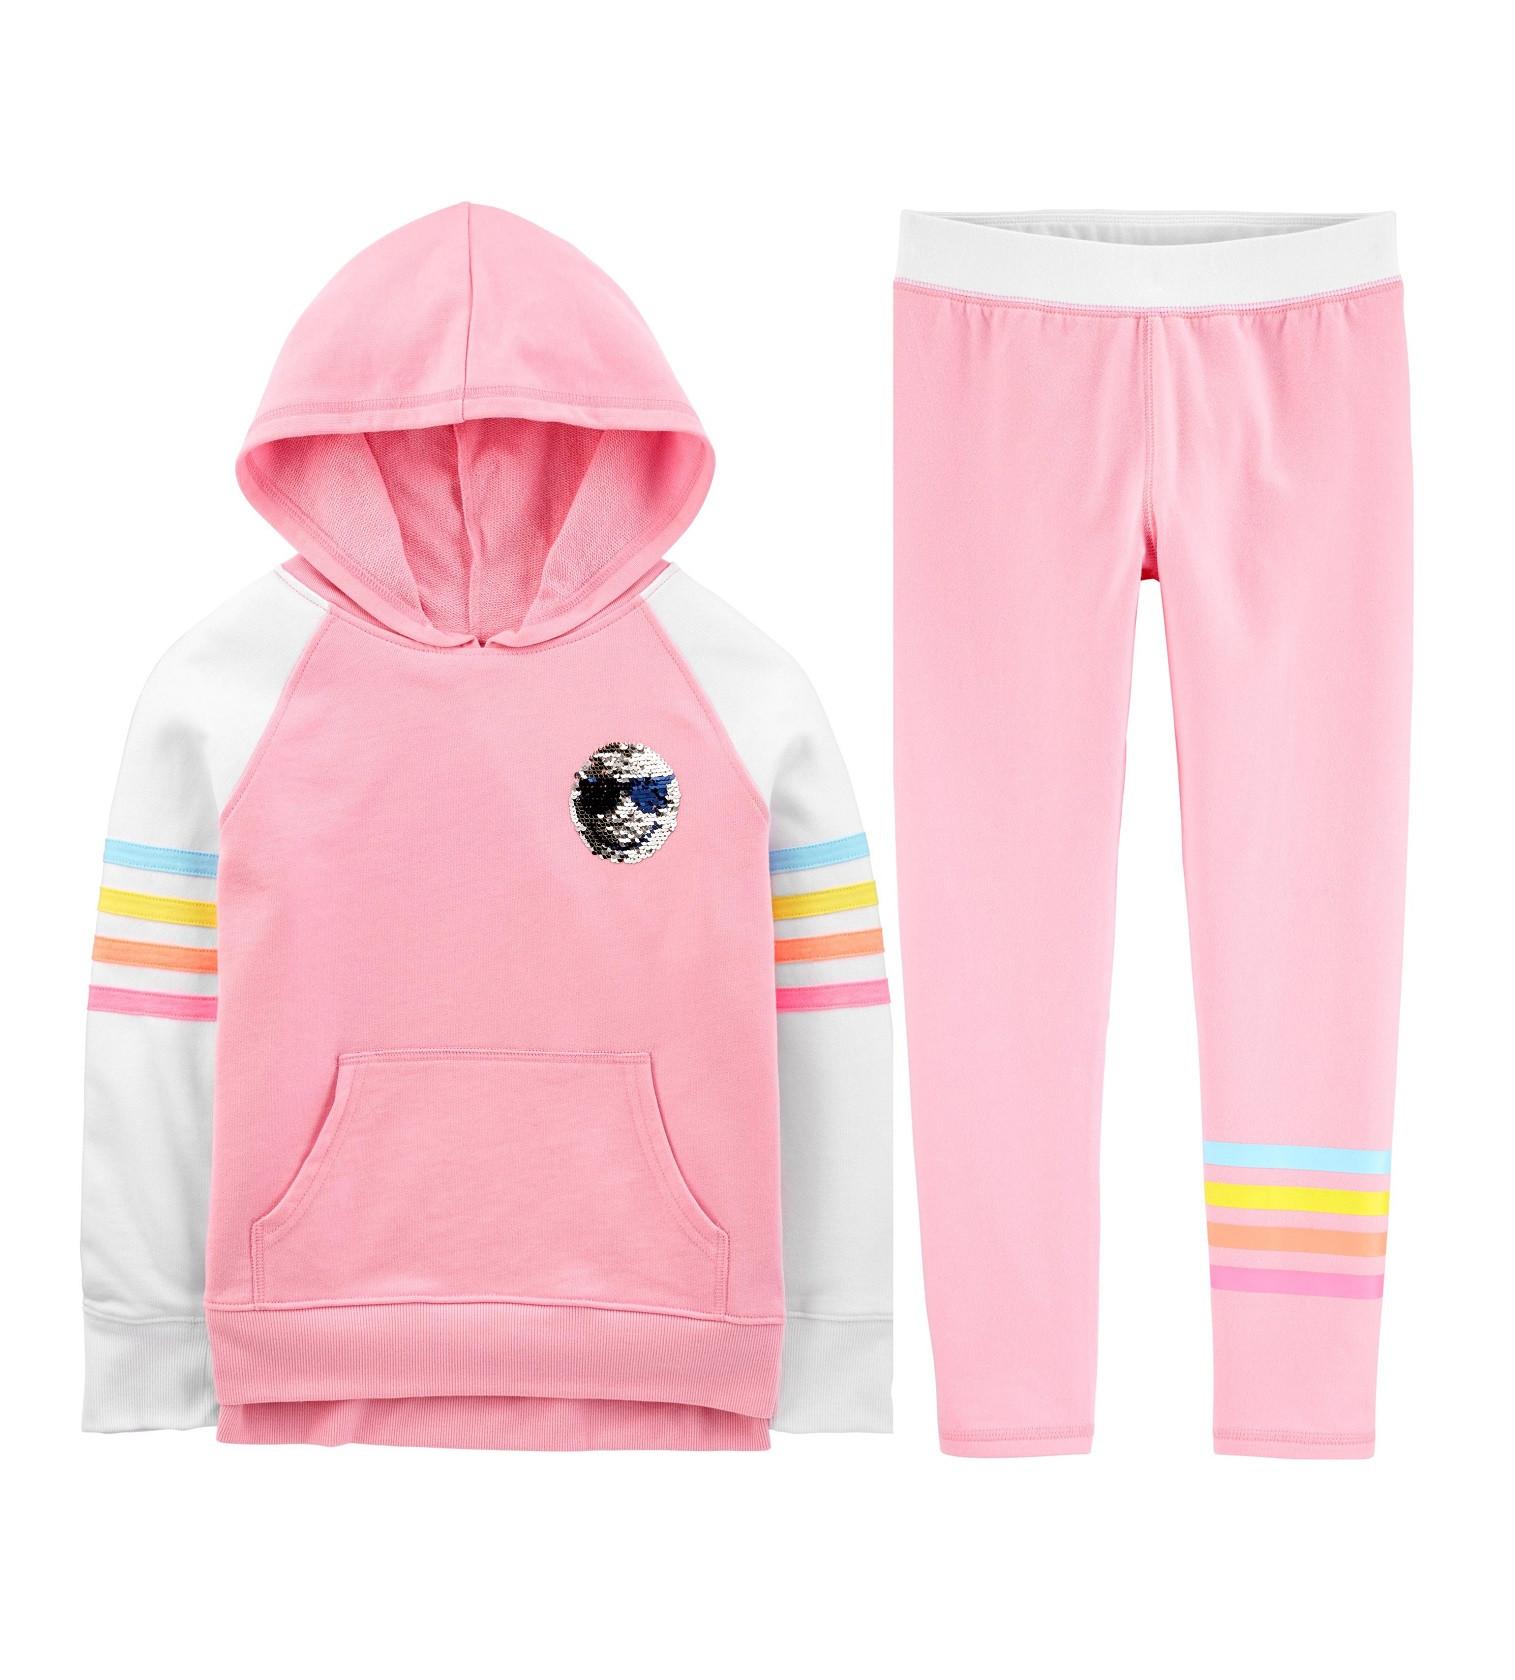 Купити Костюм OshKosh на махрі Smiley Face Pink, Multi - фото 1